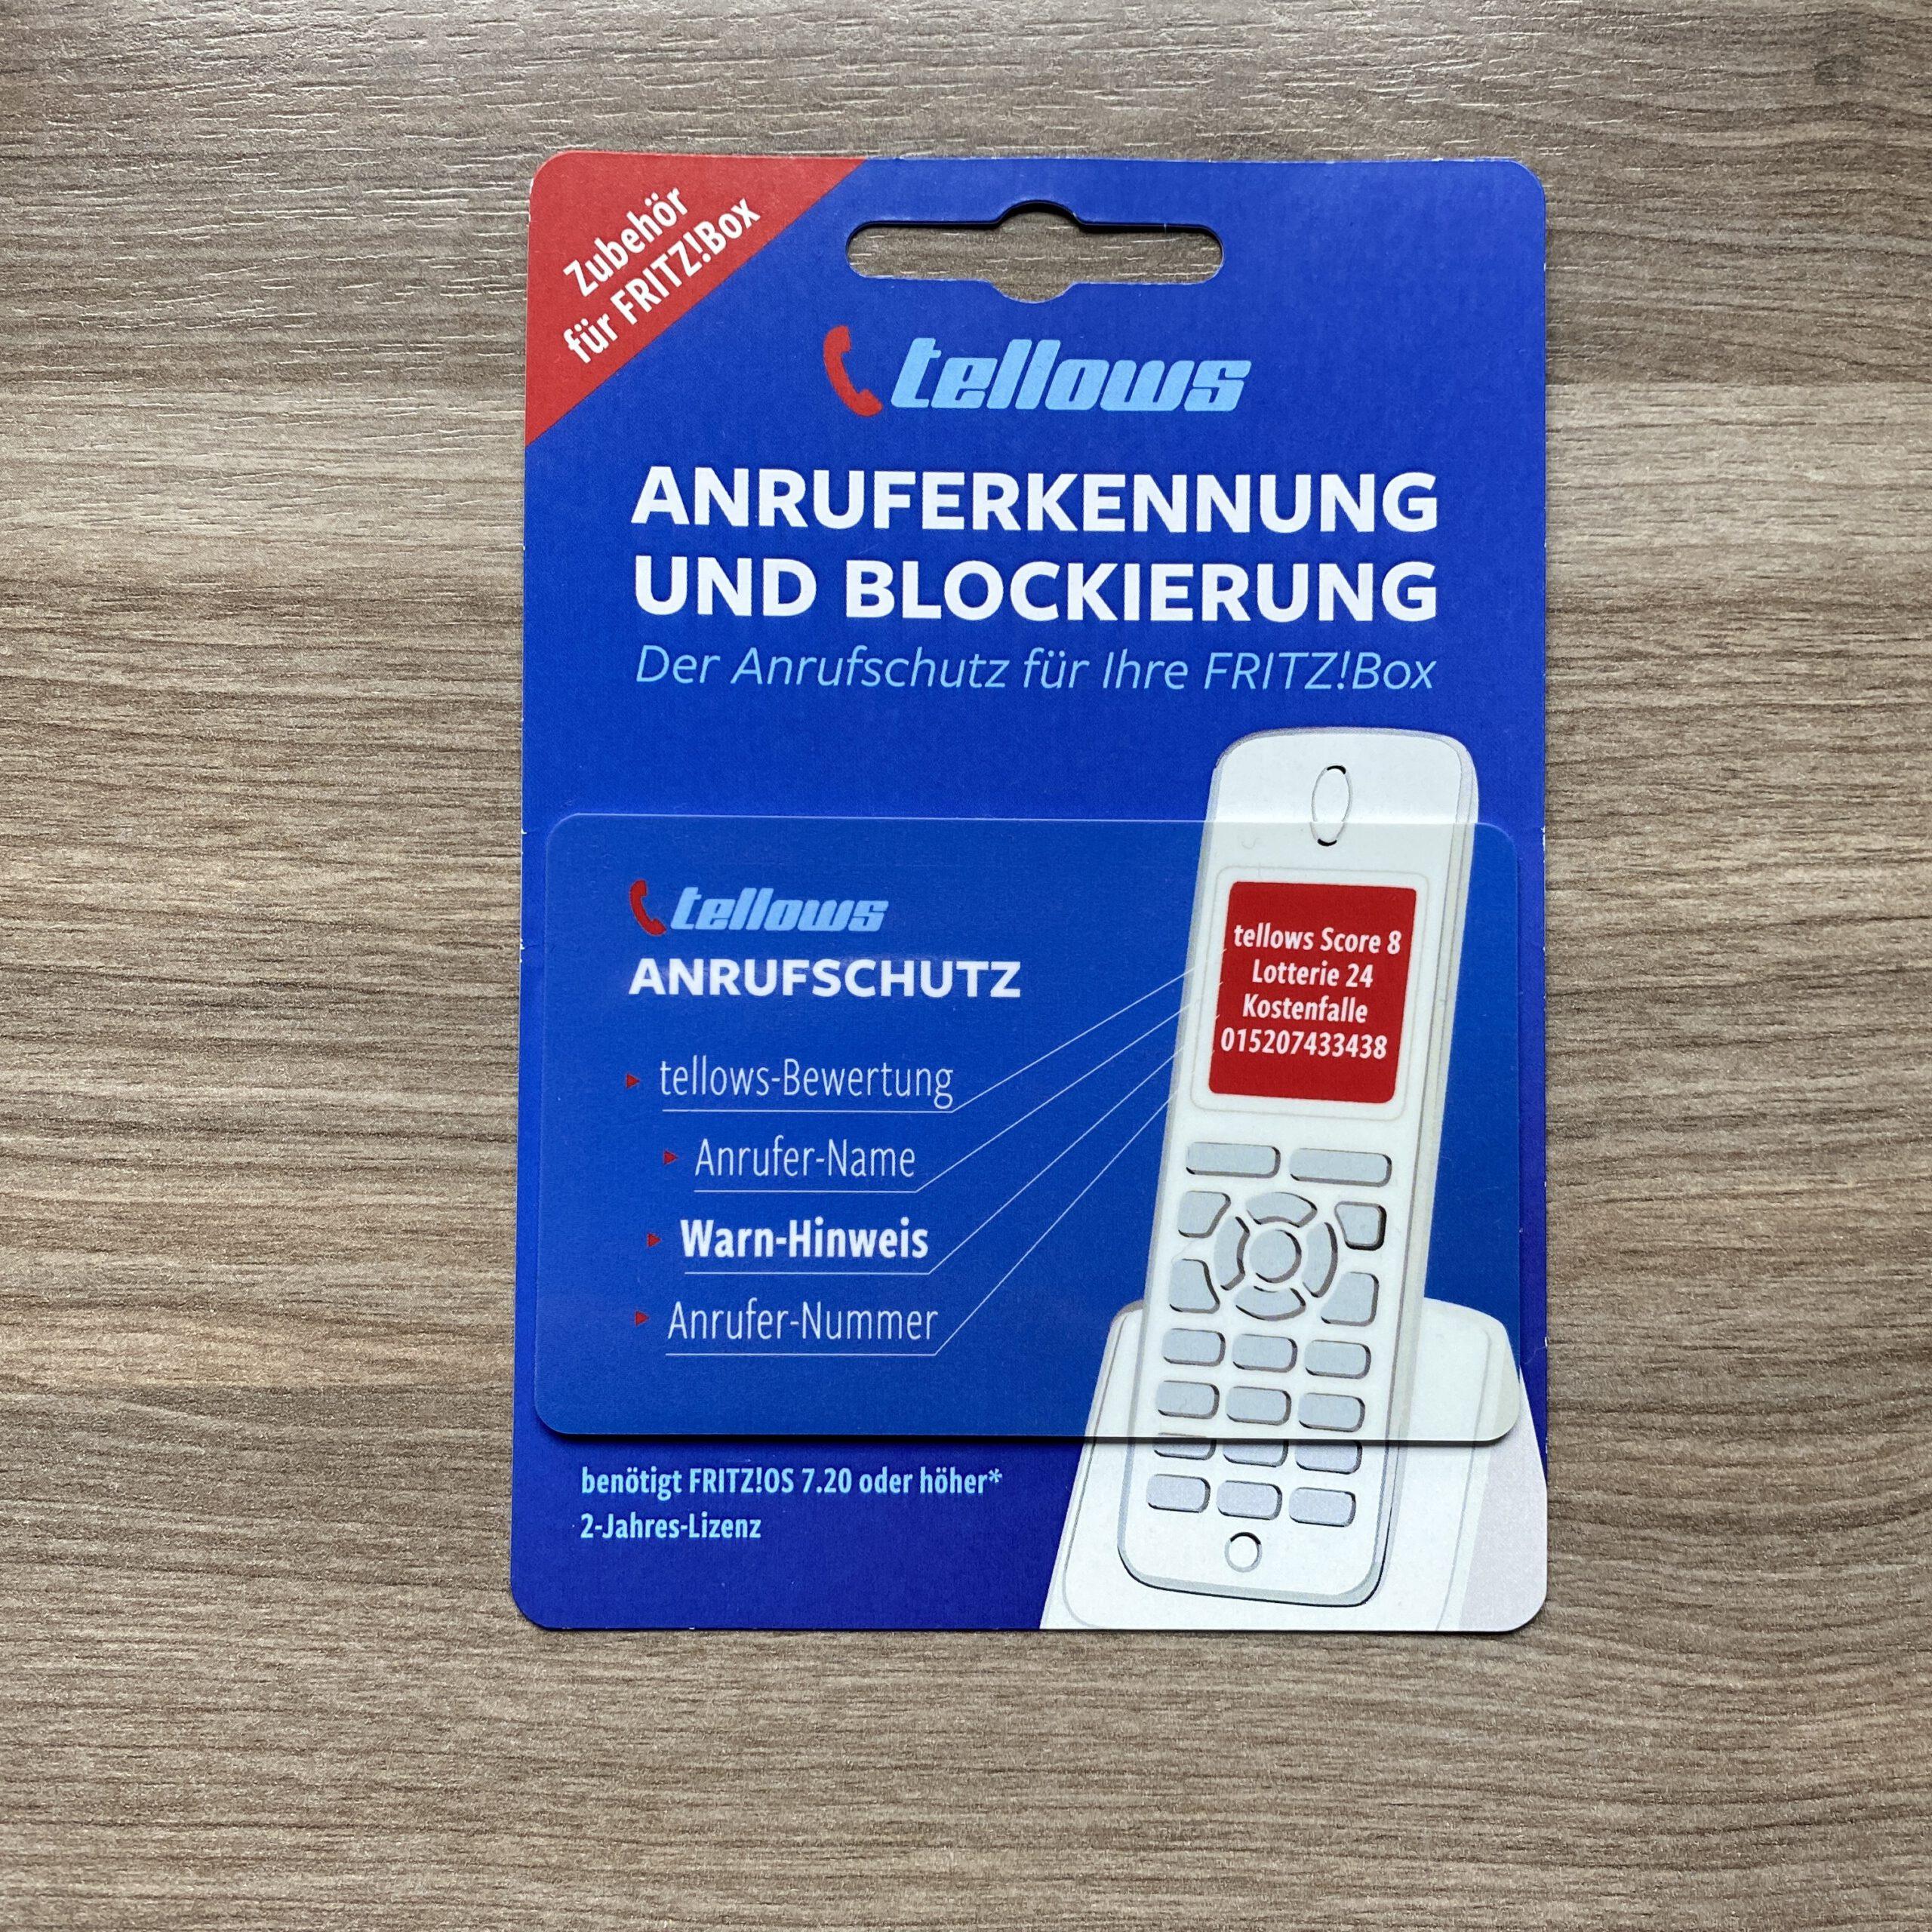 tellows Lizenz zur Anruferkennung für AVM Fritz Box.